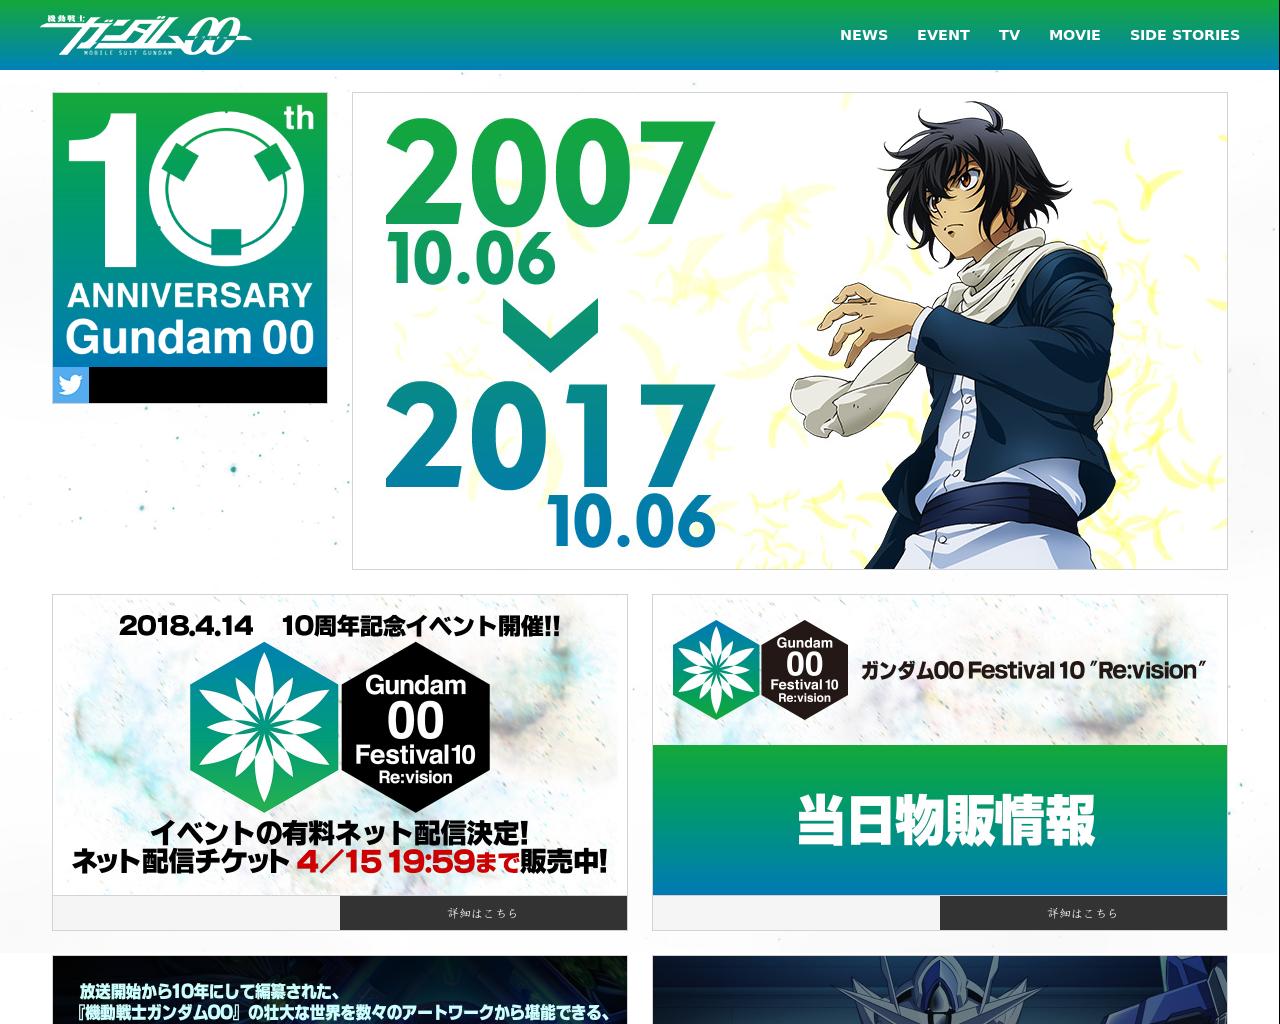 www.gundam00.net(2018/04/15 21:20:41)